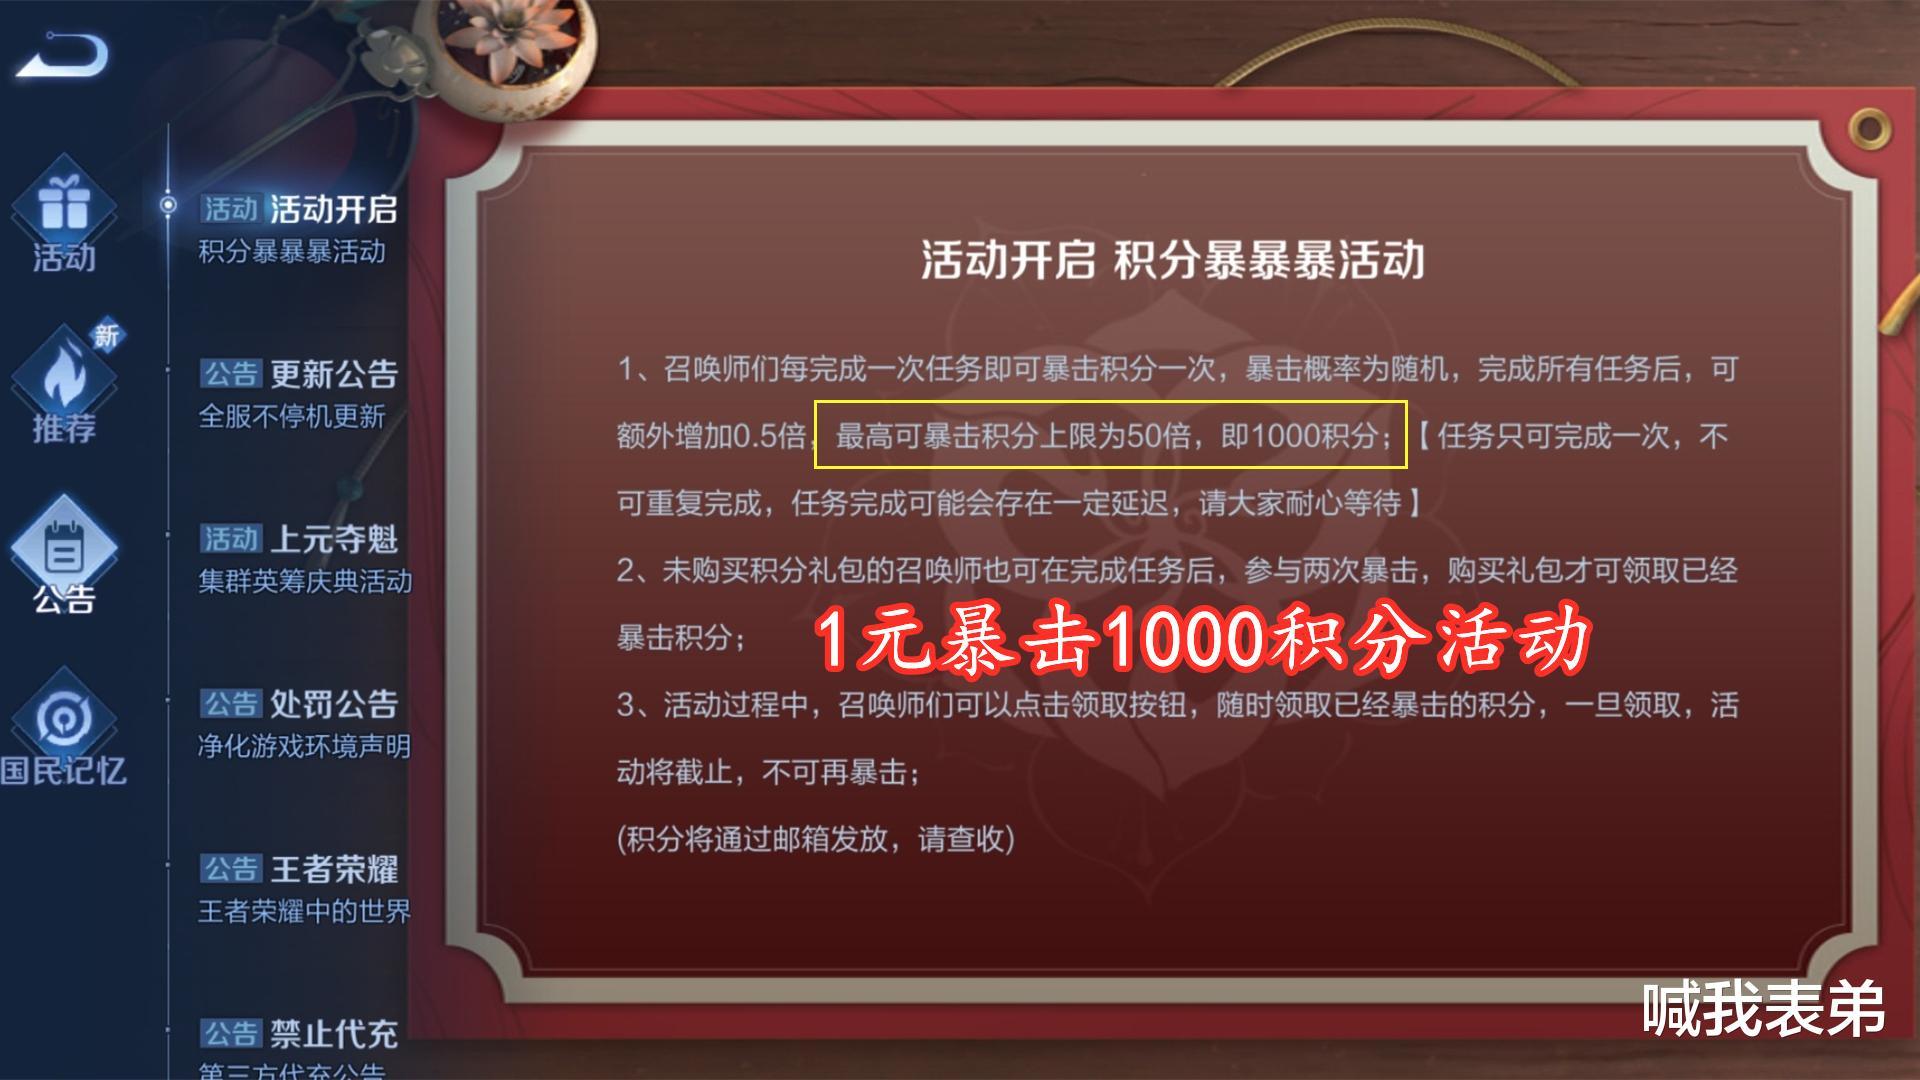 荣耀典藏开启预热,1元1000积分活动来袭,李白无双击败特效曝光